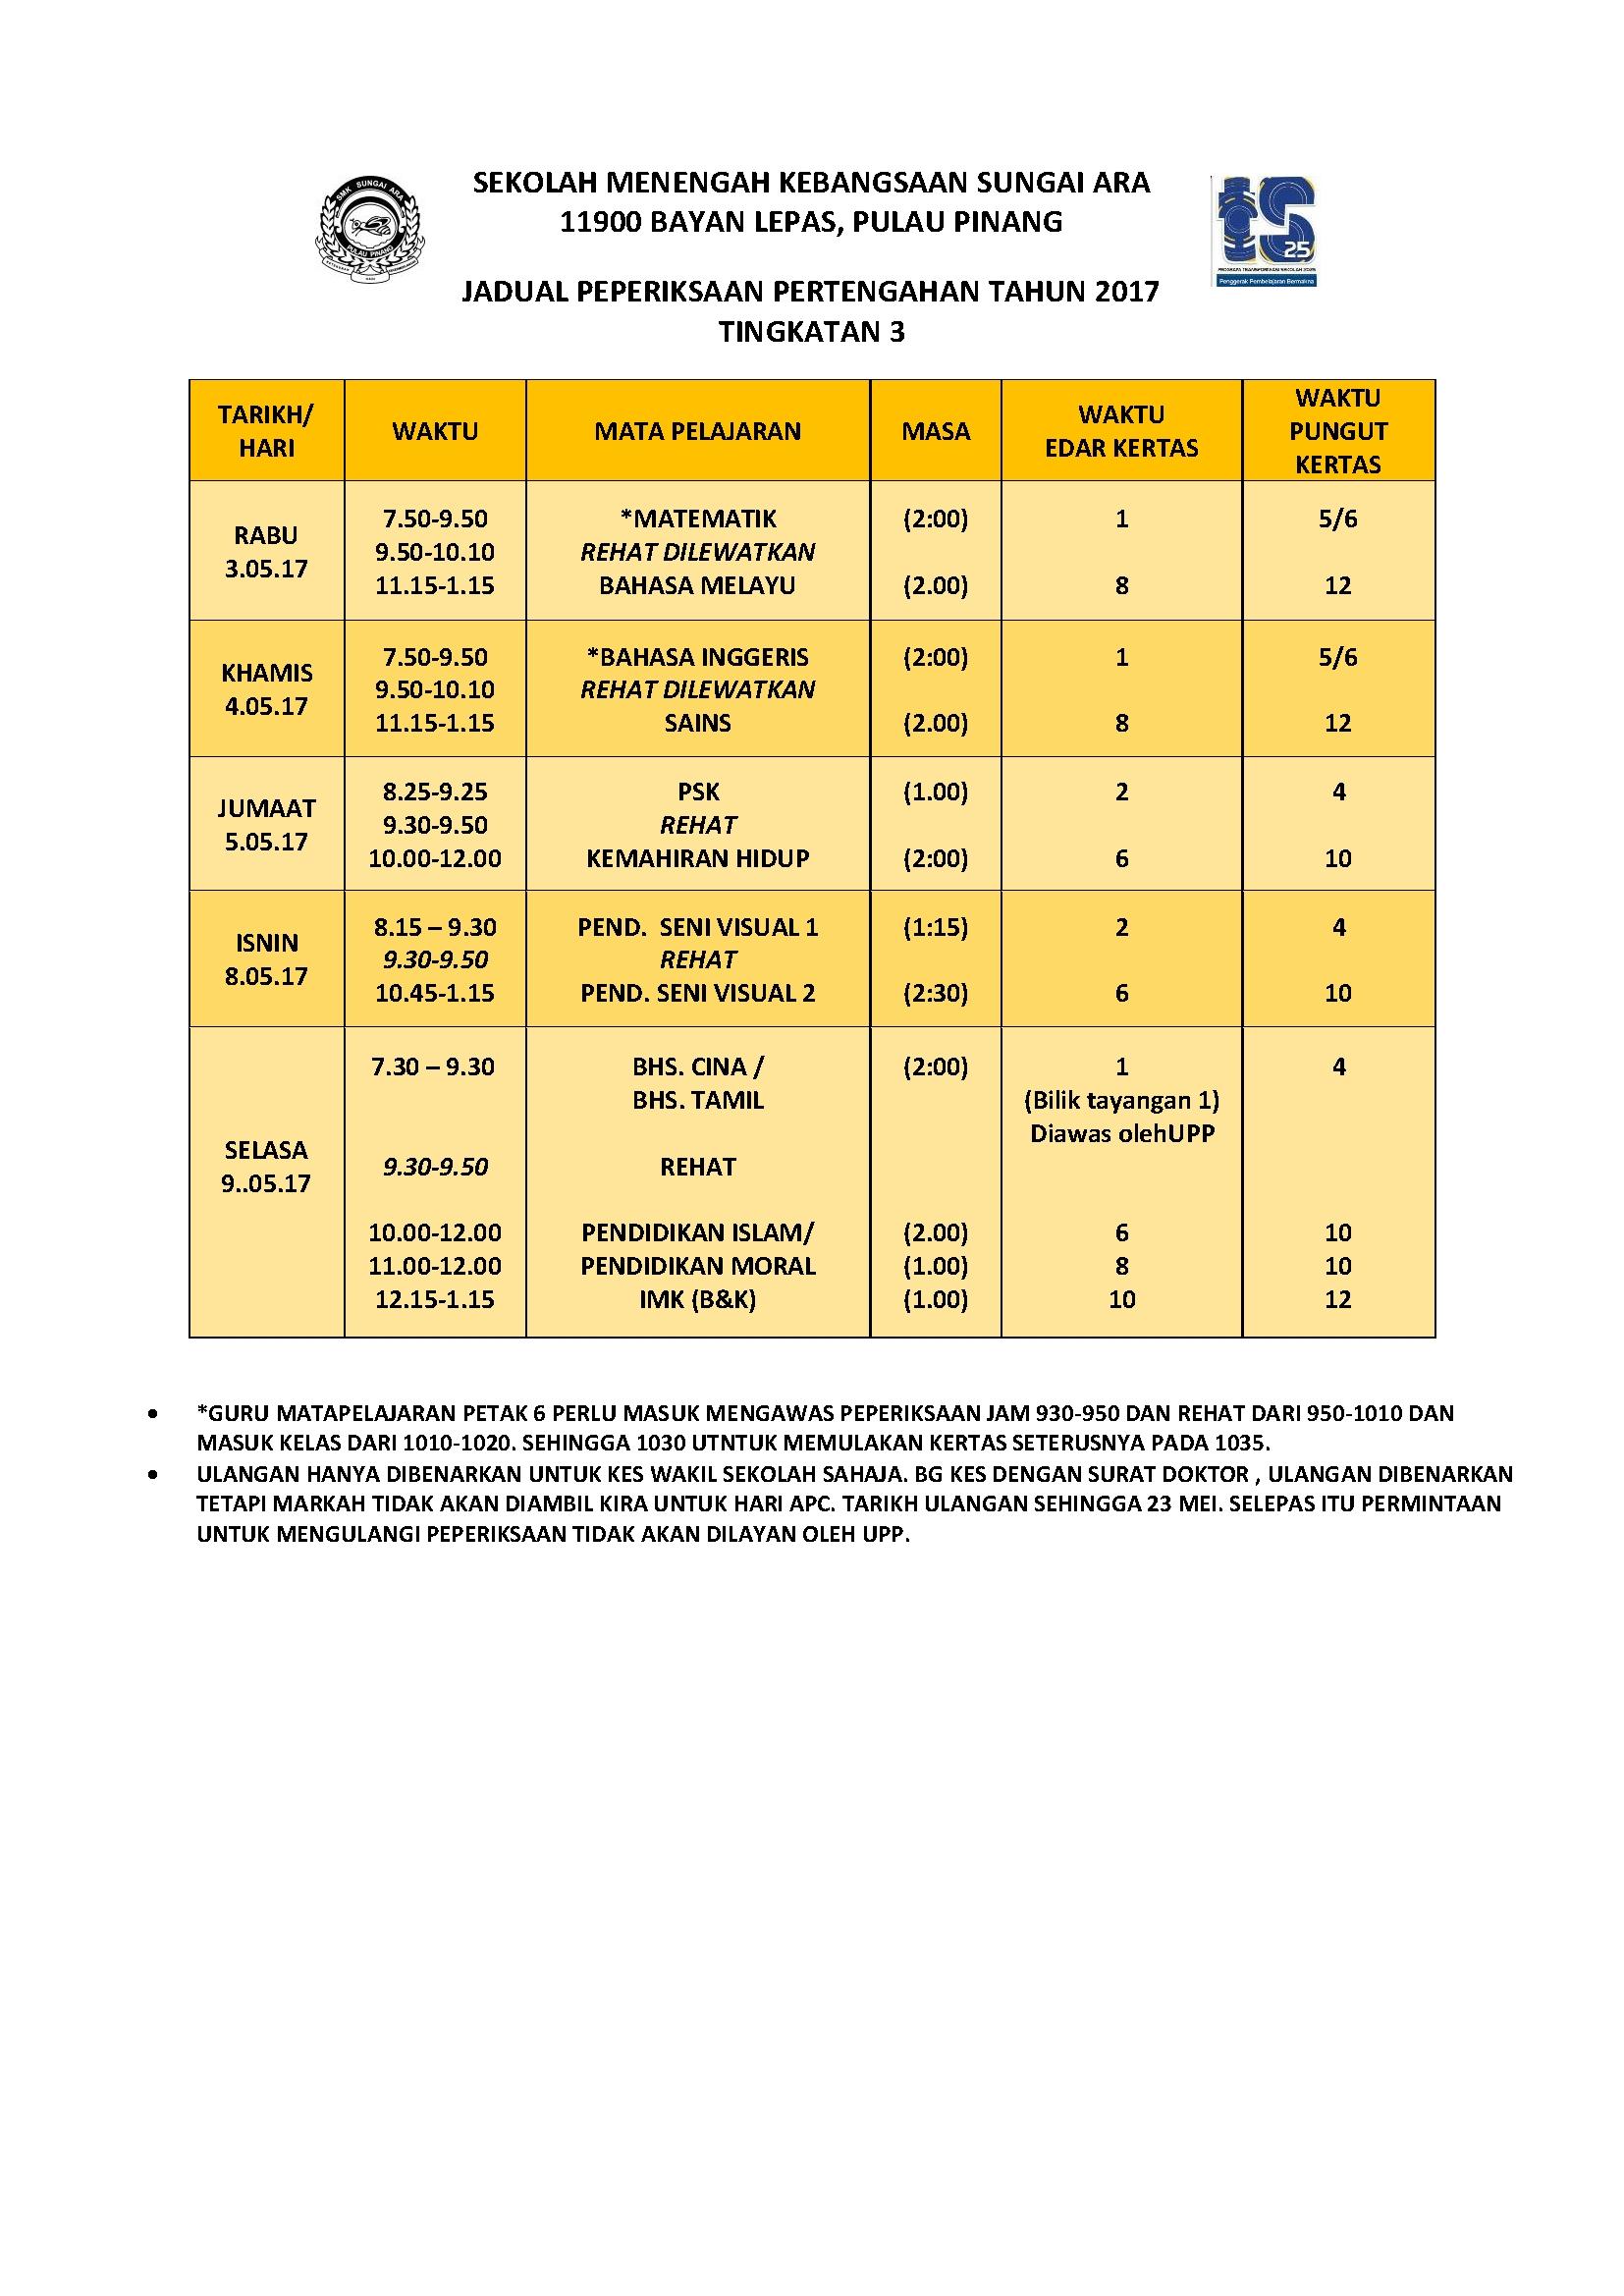 Soalan Peperiksaan Pertengahan Tahun Bahasa Inggeris Tingkatan 1 Baik Jadual Peperiksaan Pertengahan Tahun Of Senarai Peperiksaan Pertengahan Tahun Bahasa Inggeris Tingkatan 1 Yang Menarik Khas Untuk Guru-guru Muat Turun!